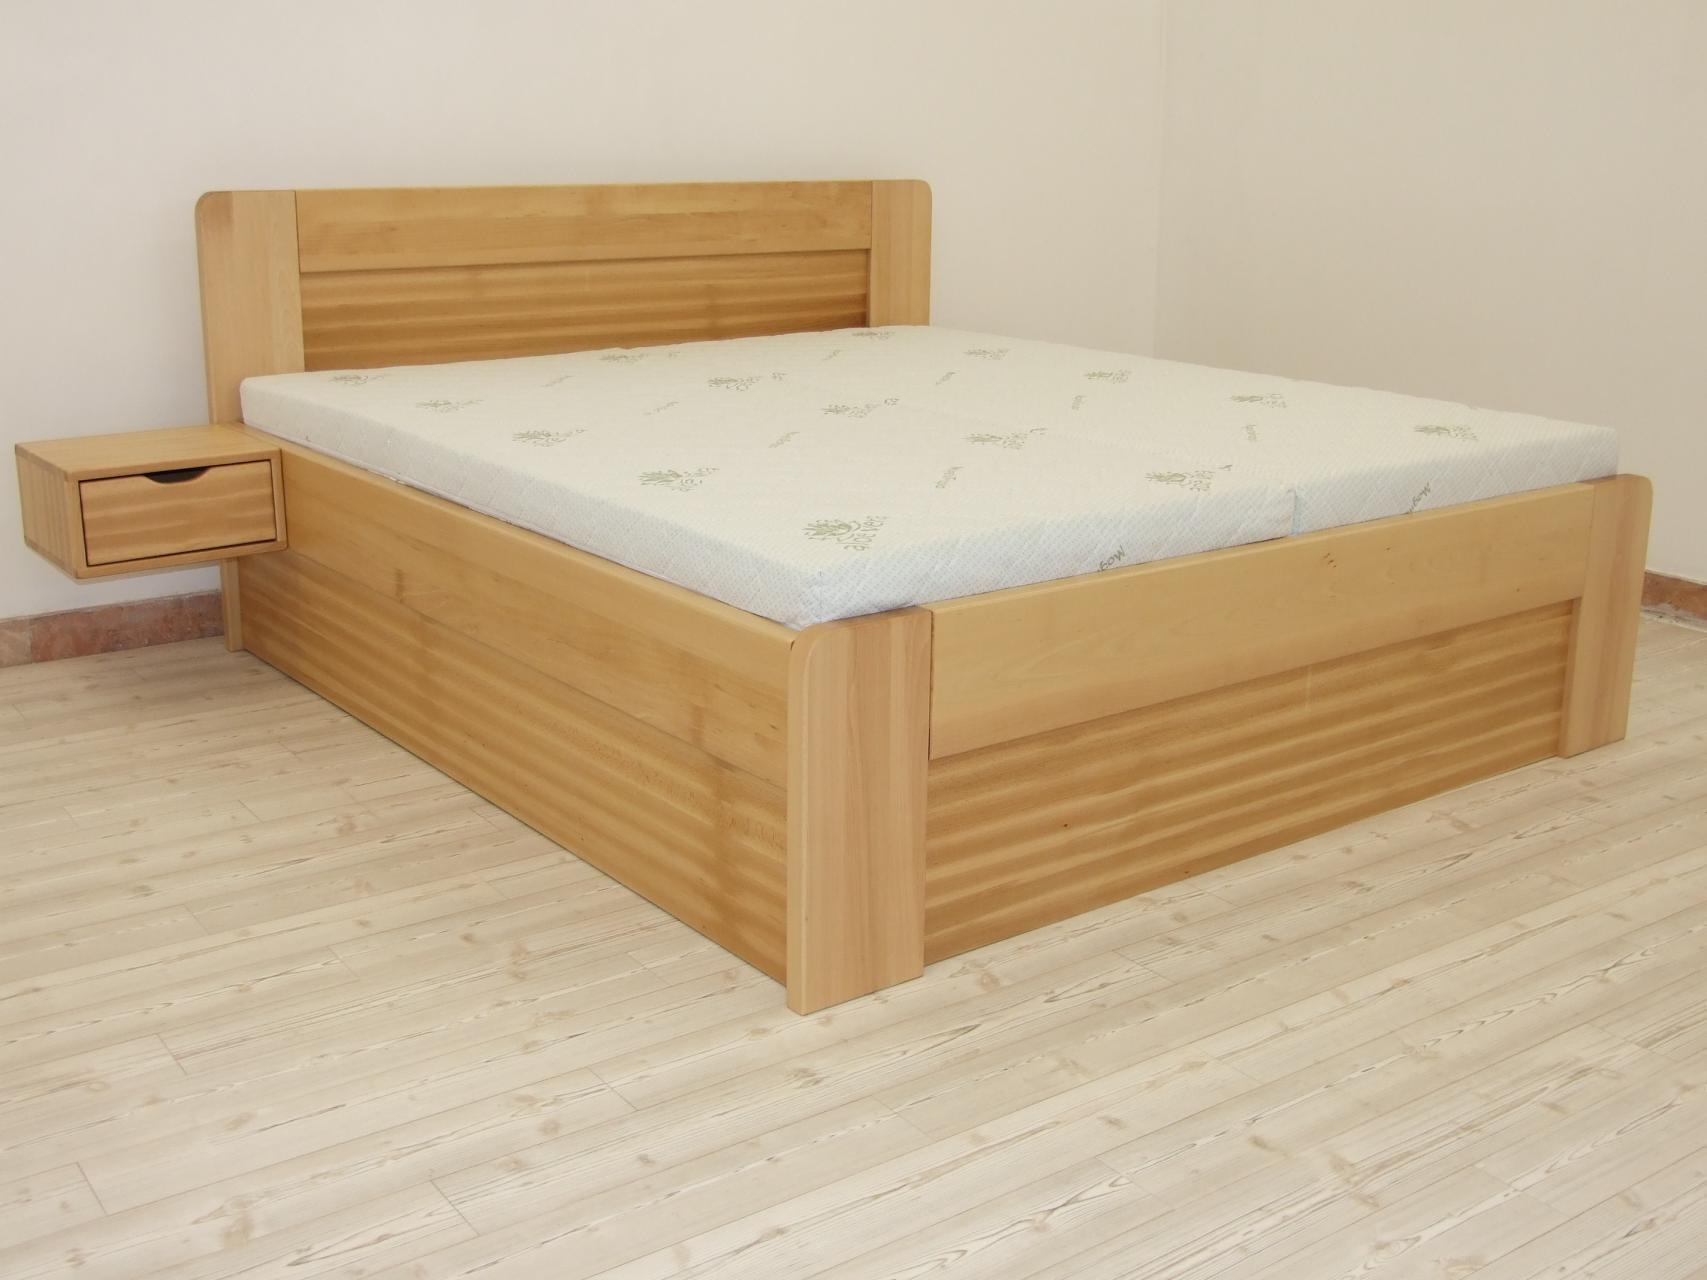 SIMONA Dřevěná postel z masivu, s úložným prostorem